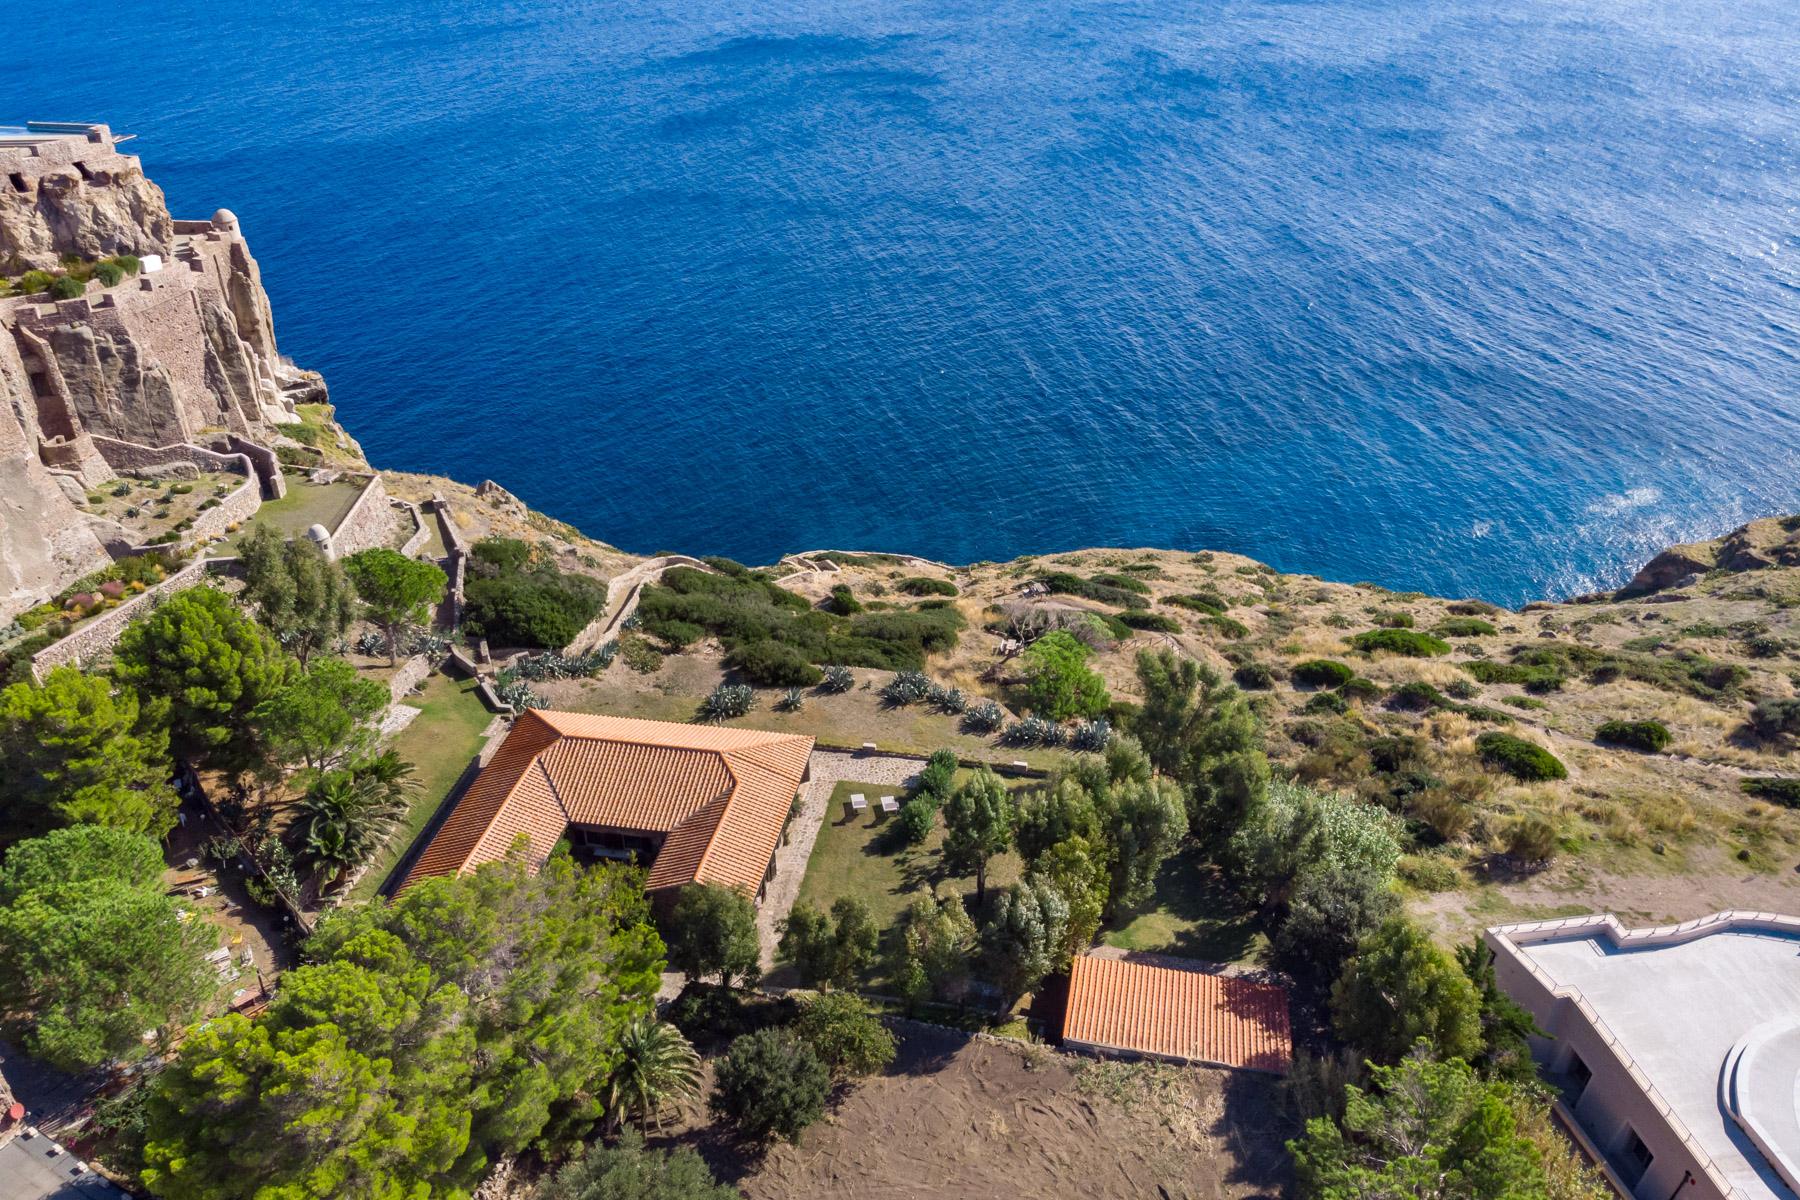 Villa in Vendita a Capraia Isola: 5 locali, 320 mq - Foto 10